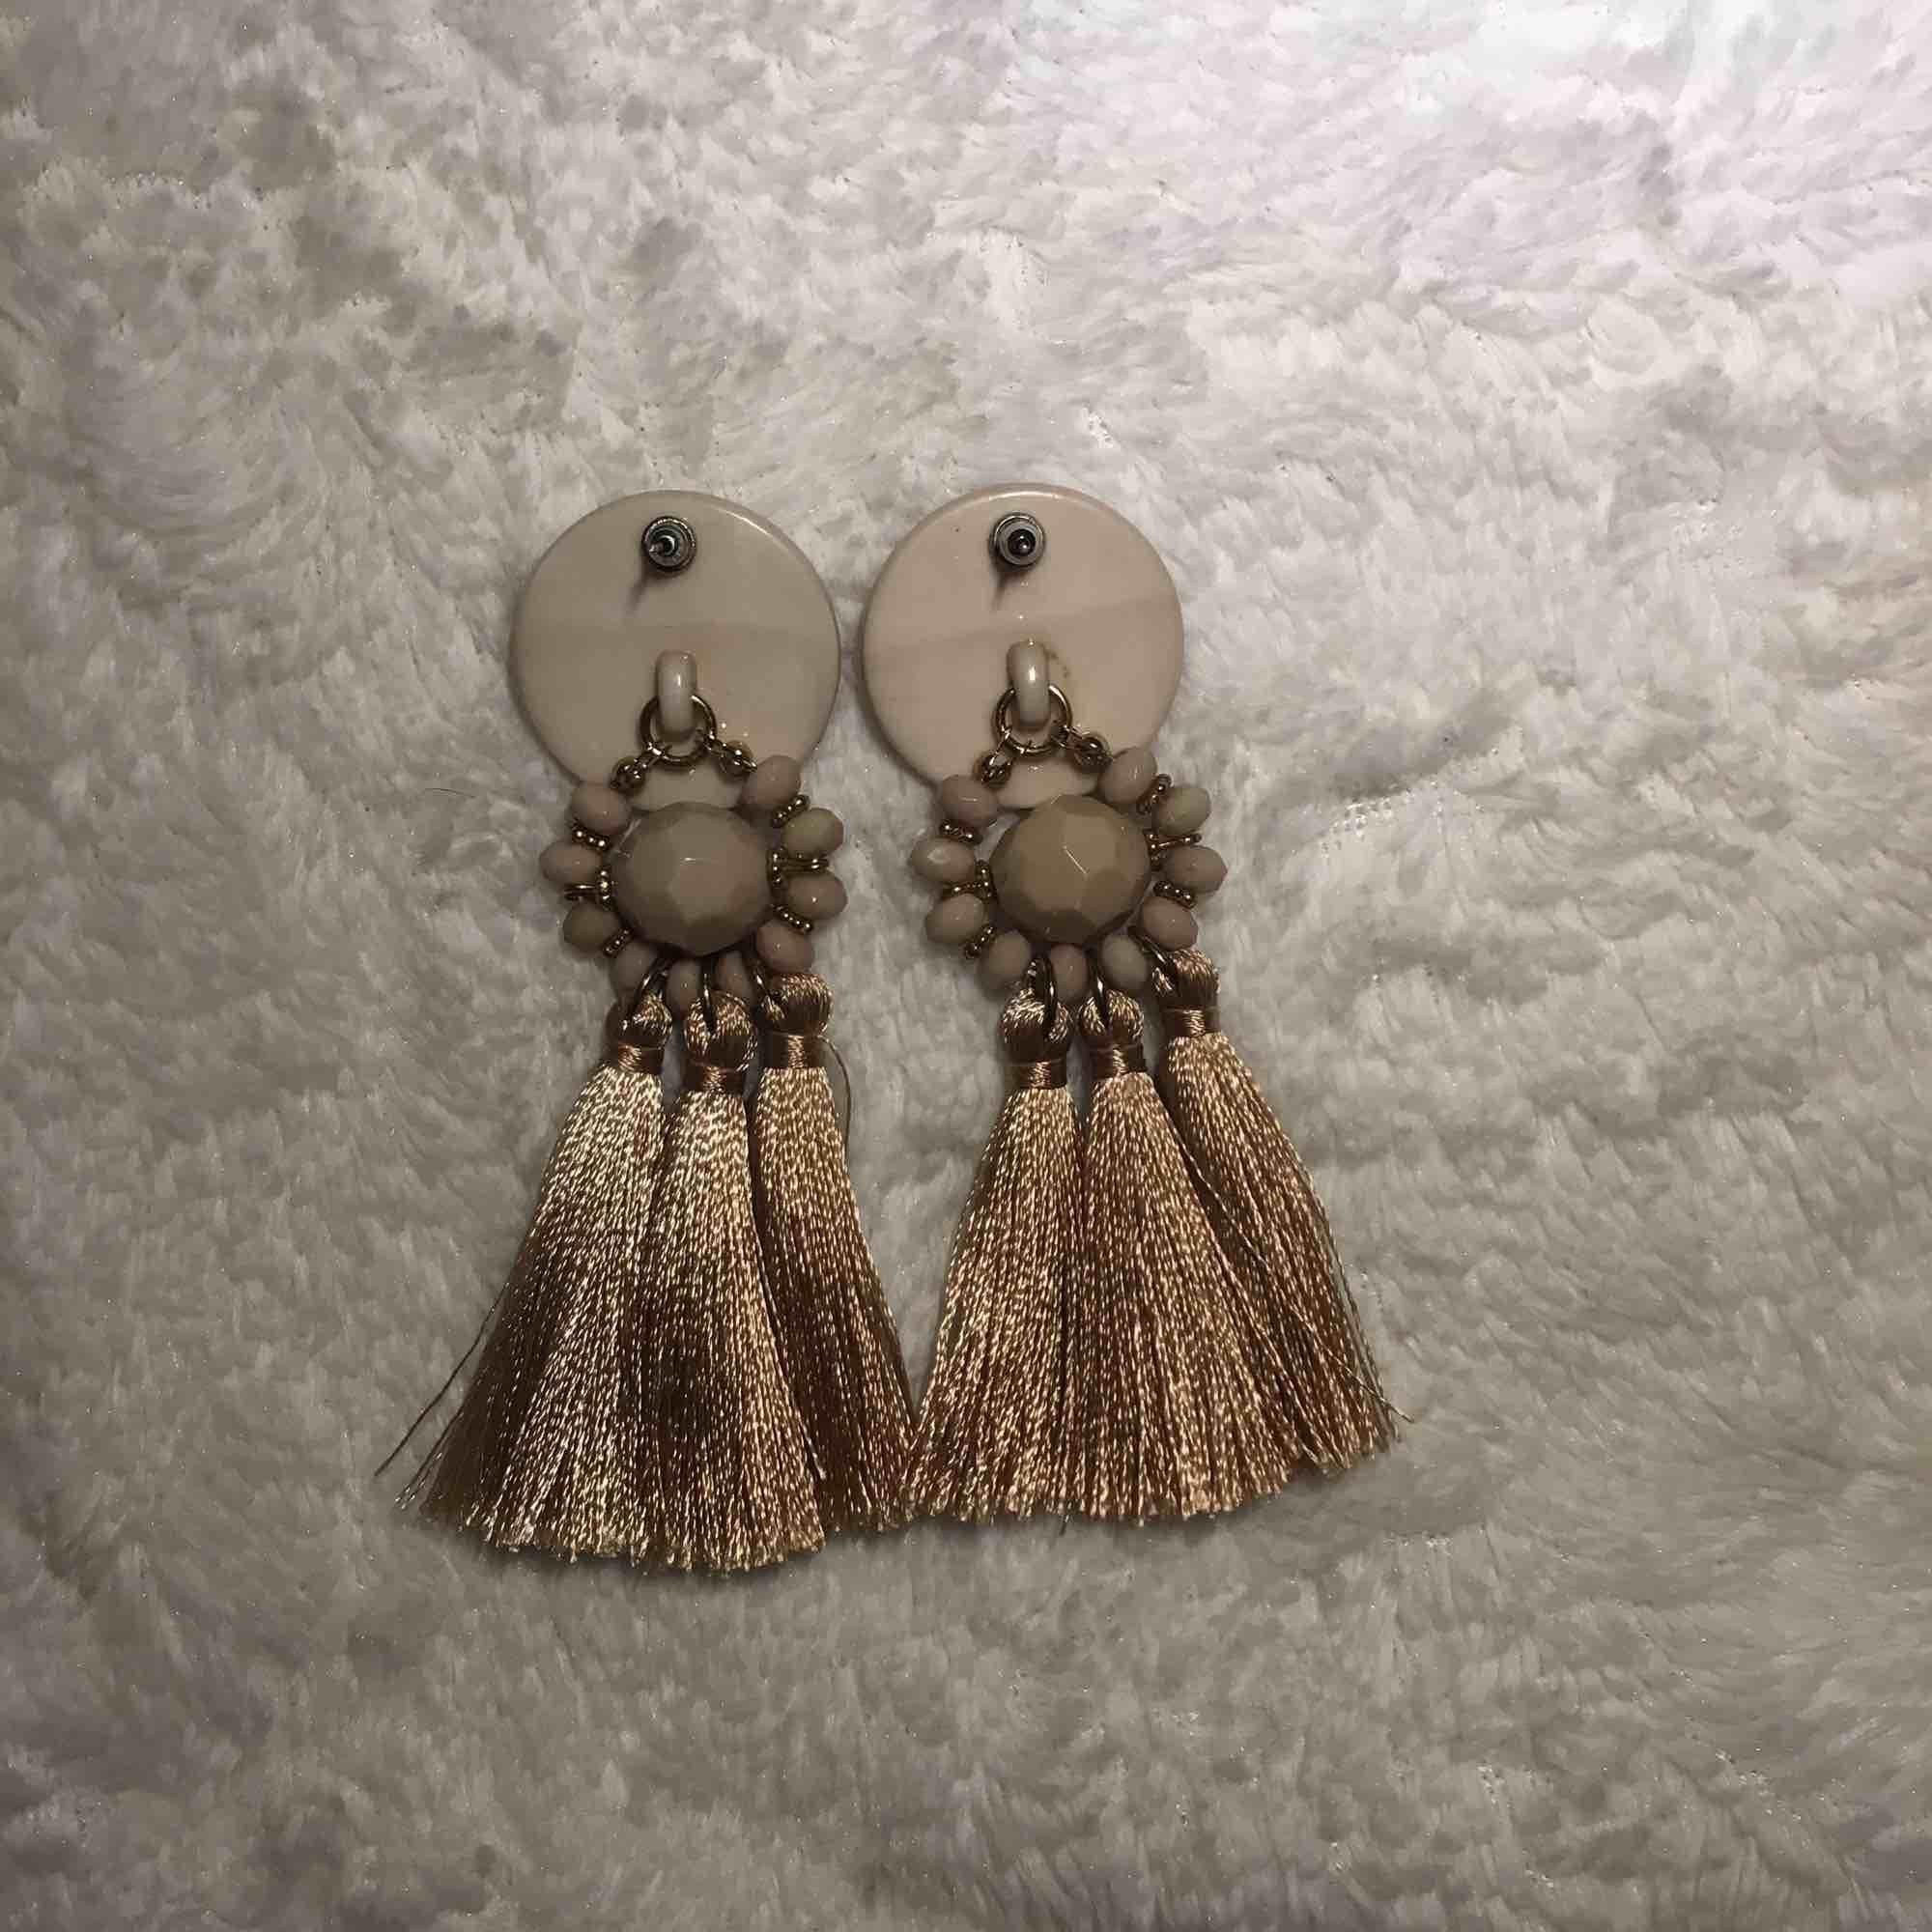 Ascoola örhängen från Gina tricot, köpte dem för 70kr. Har endast använt dem 2 ggr och dem är såklart rengjorda. Dem är 10 cm längd och 3 cm bredd. Frakt kostar 10kr!<3. Accessoarer.